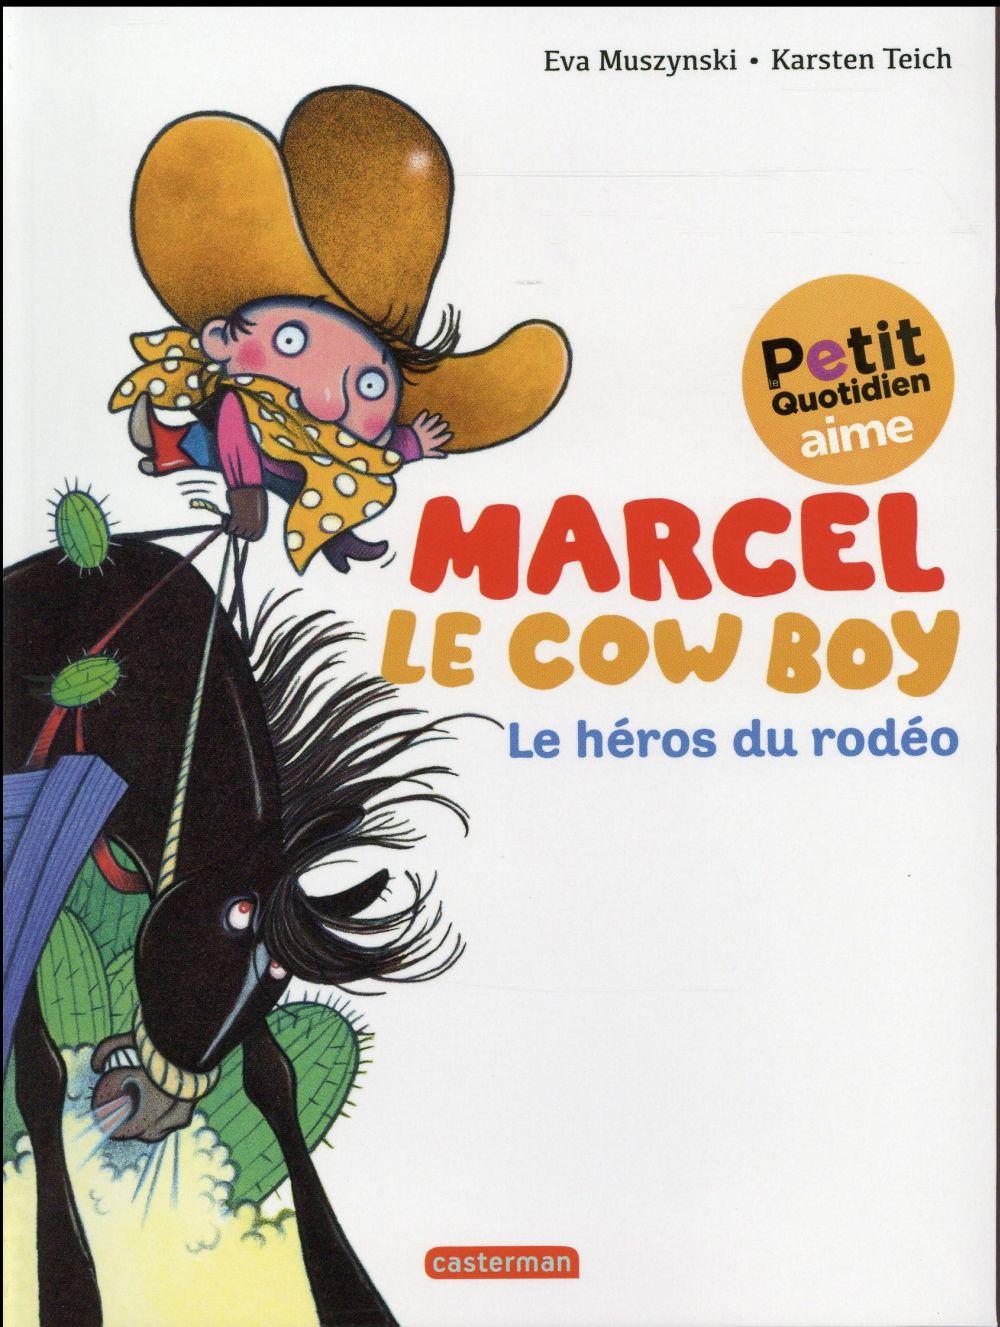 MARCEL LE COW-BOY T3 LE HEROS DU RODEO